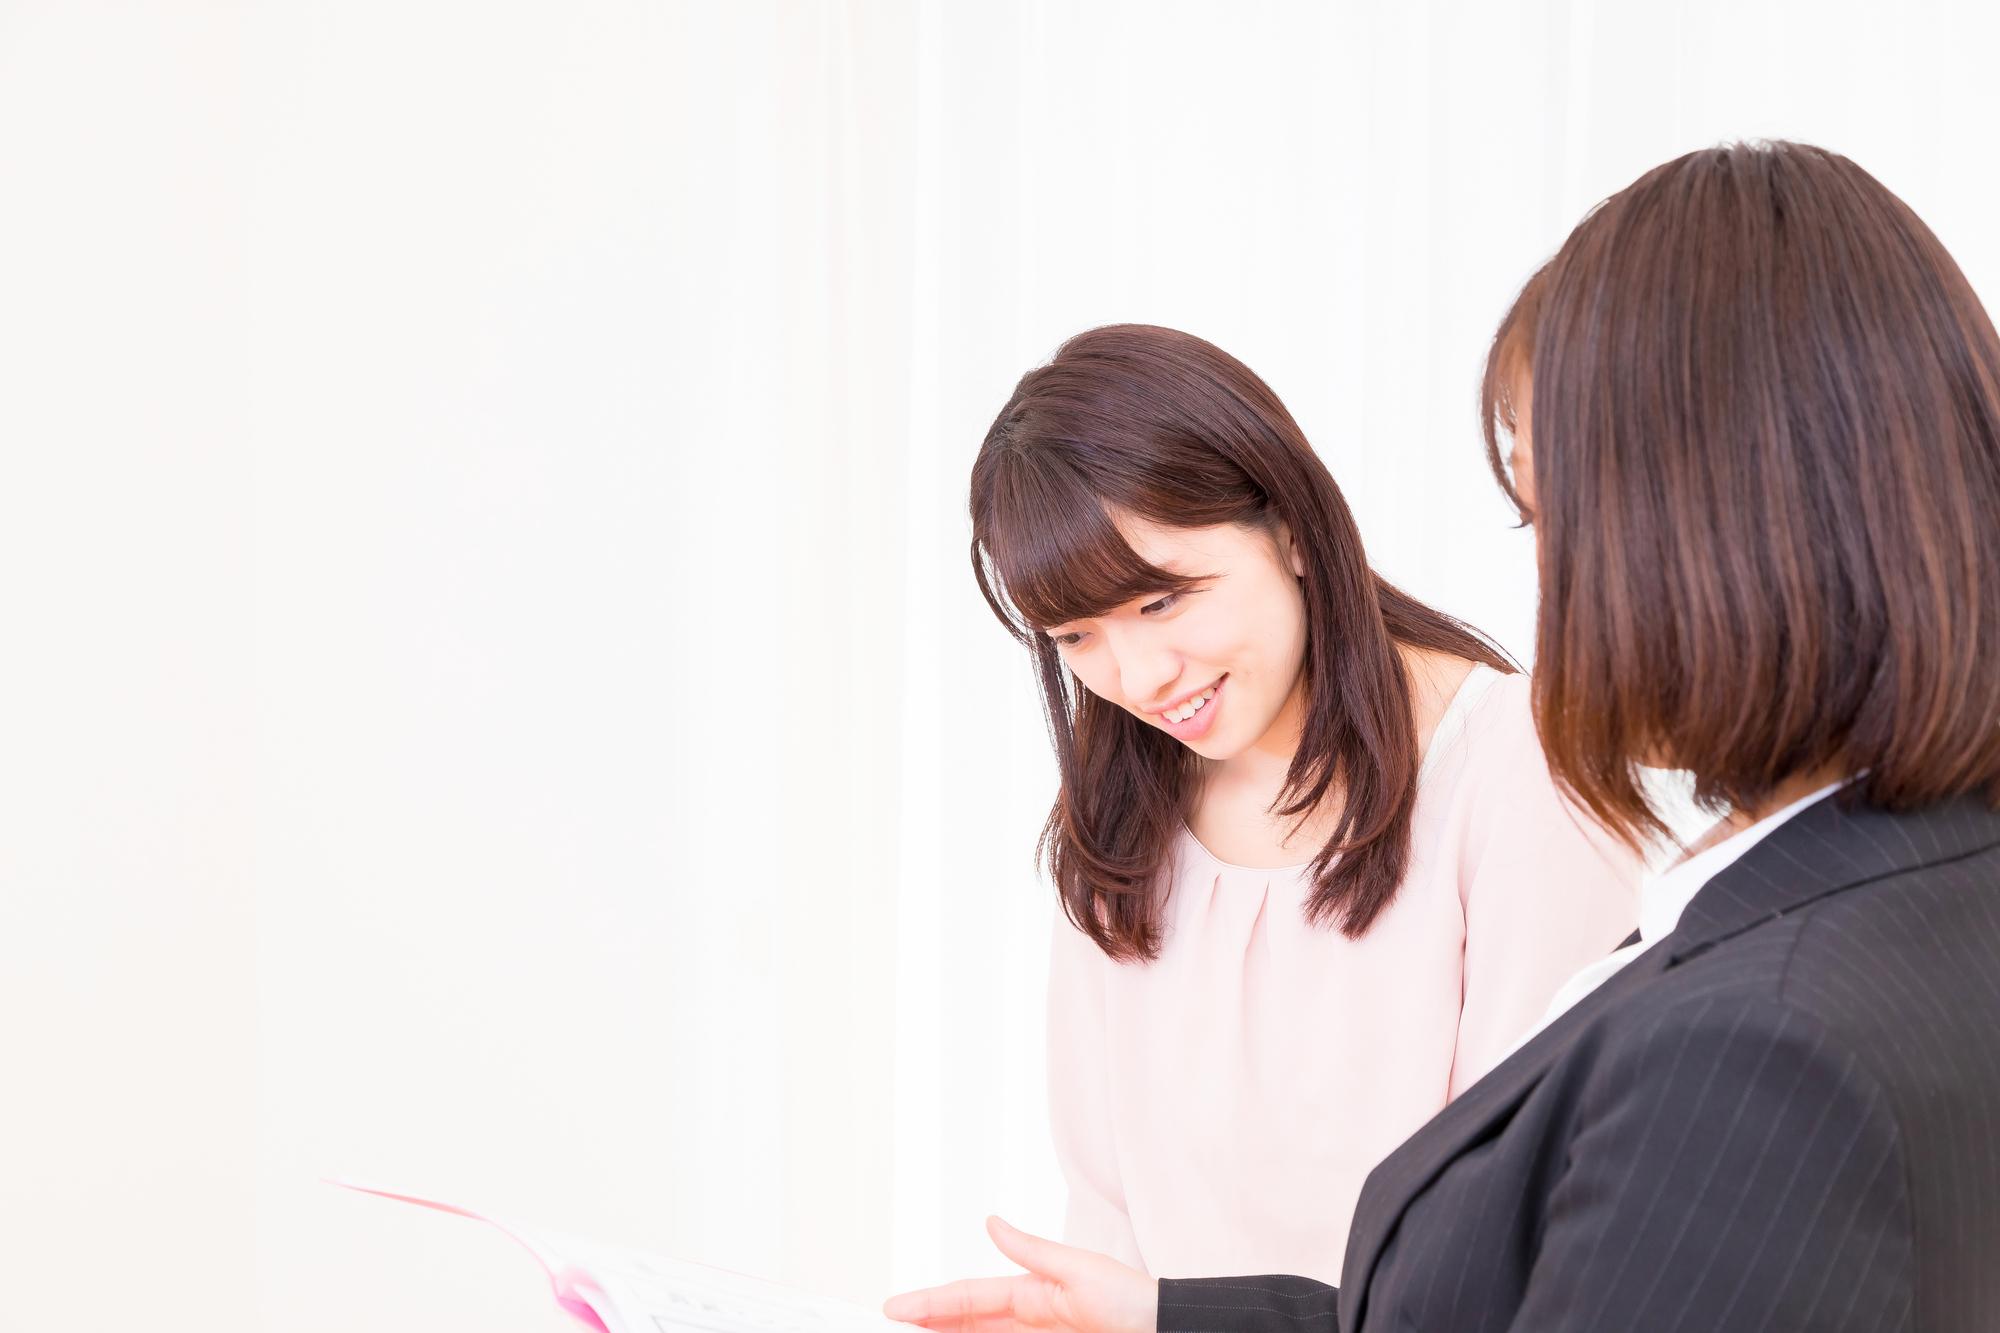 ビジネスウーマンと話す女性